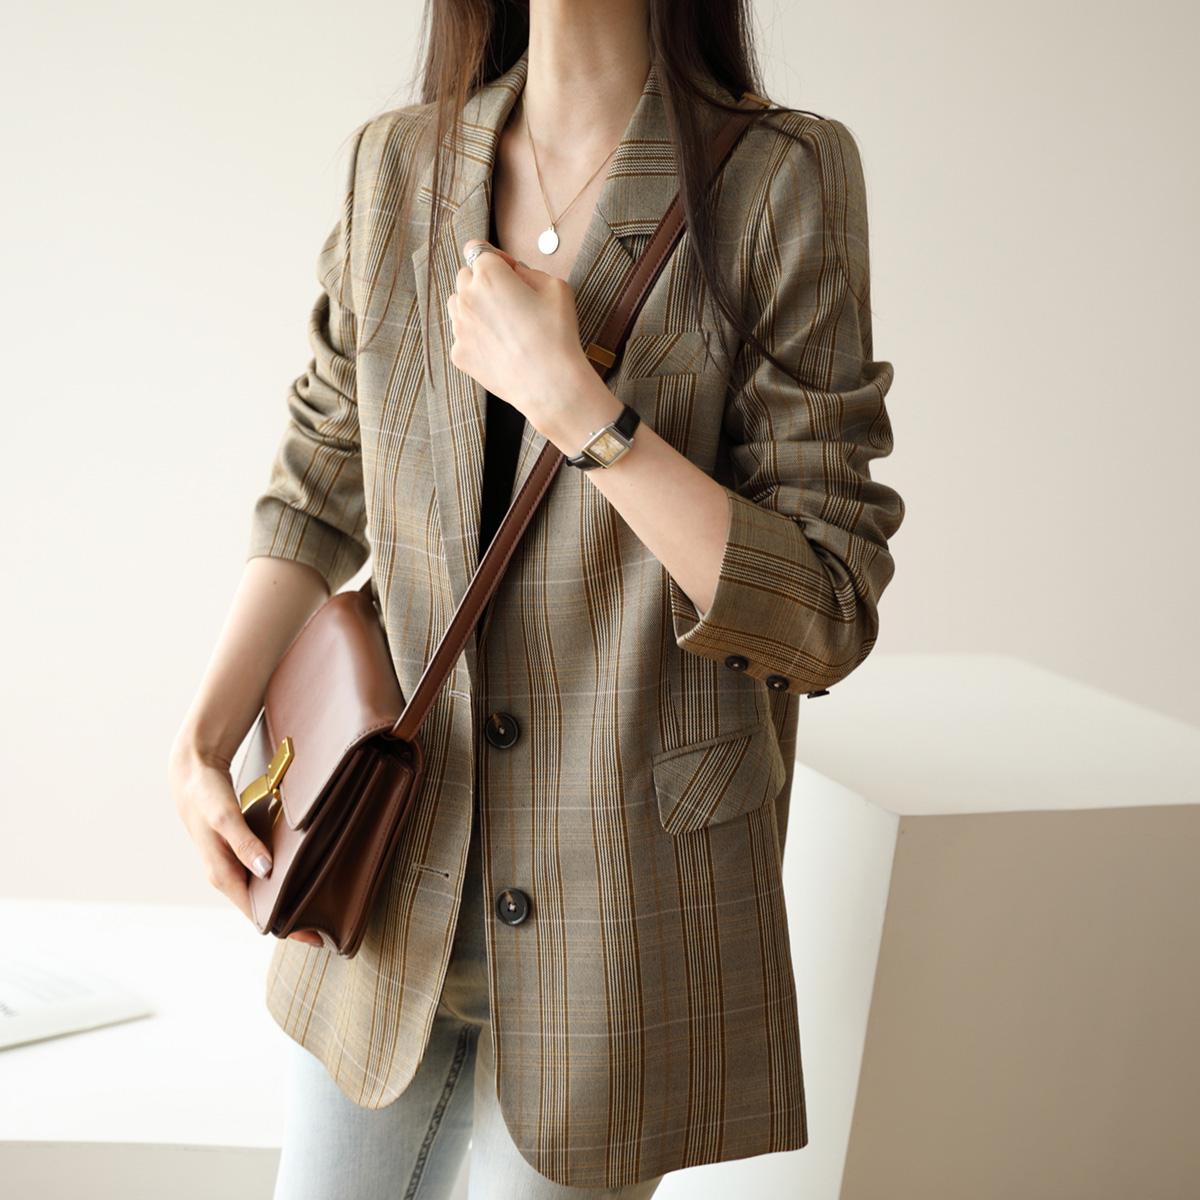 新款外套韩版英伦风格子短款西服质量好不好